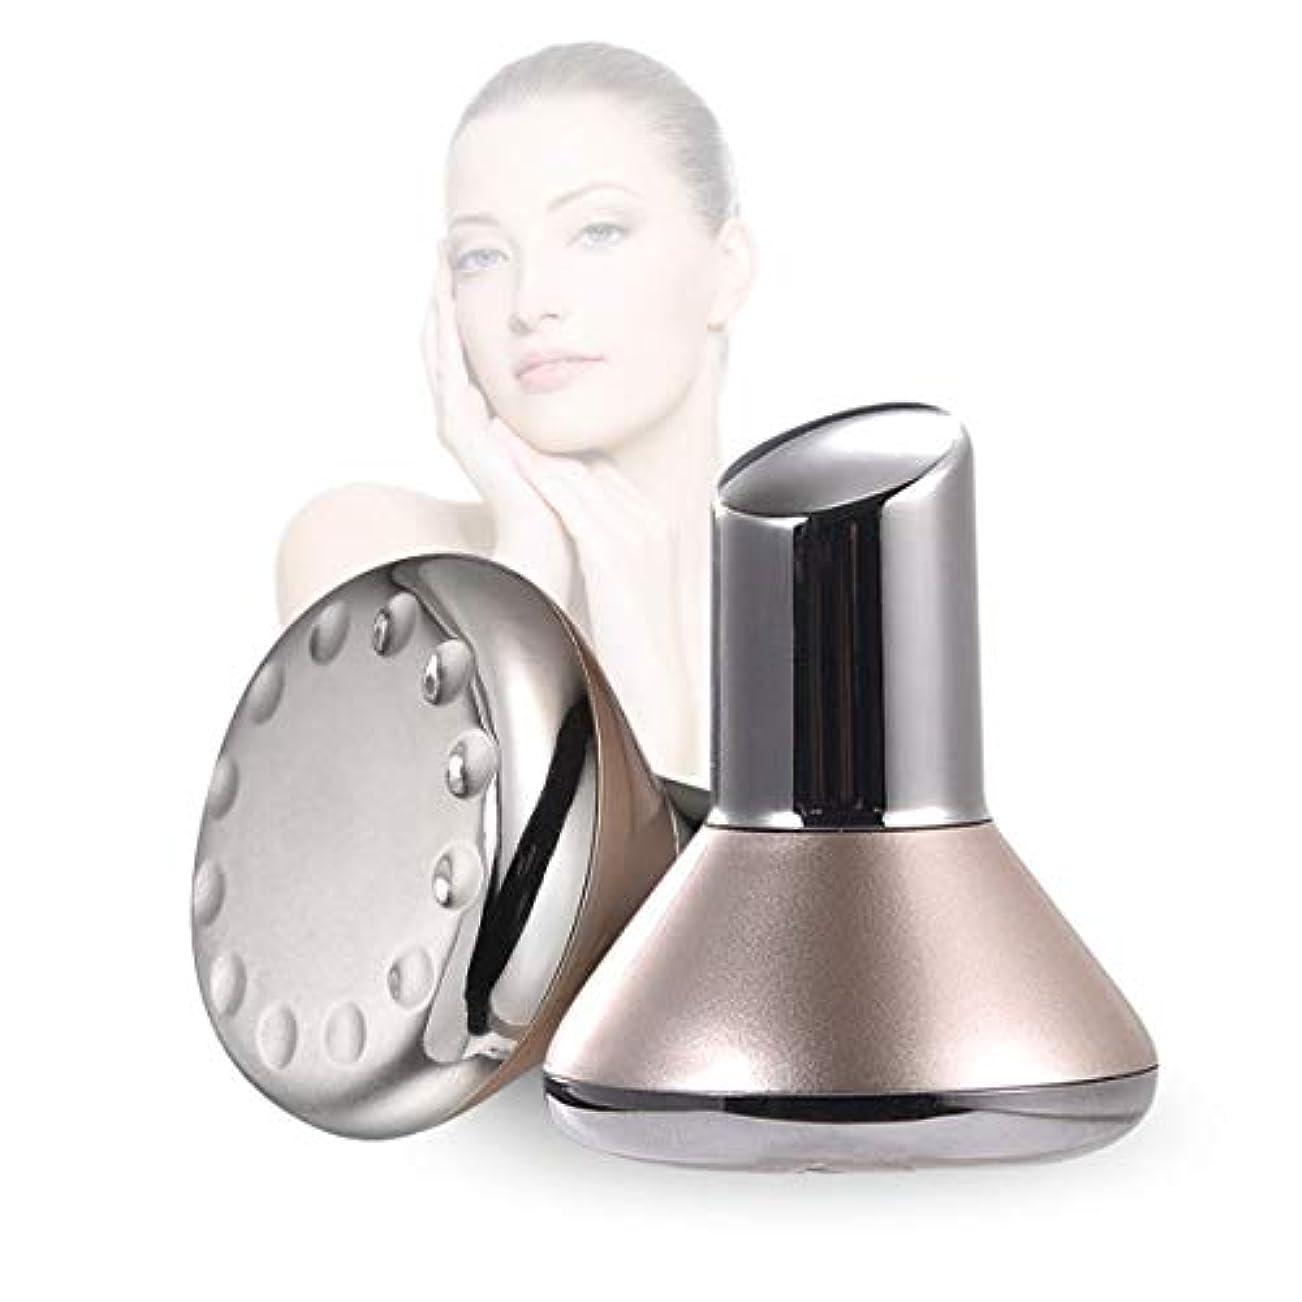 解く人種事業顔の顔のマッサージ、マイクロ磁気振動高周波が付いている携帯用顔機械 - しわを減らすイオン本質のクリーニングの器械